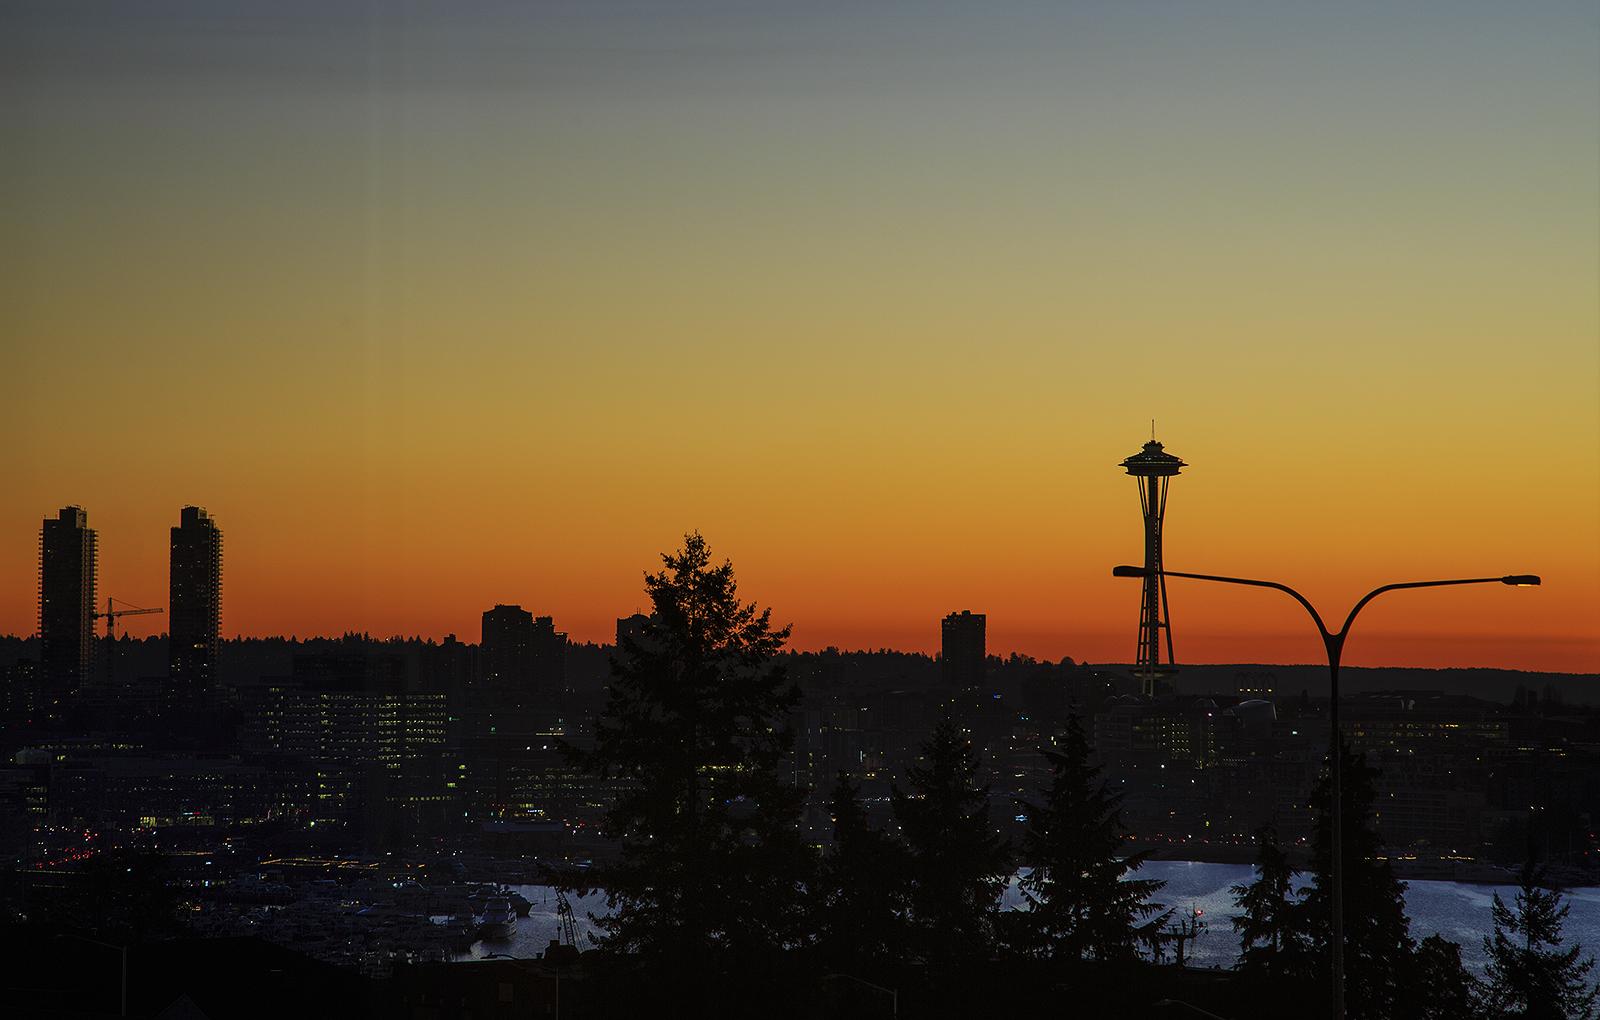 Sunset-Needel-med.jpg